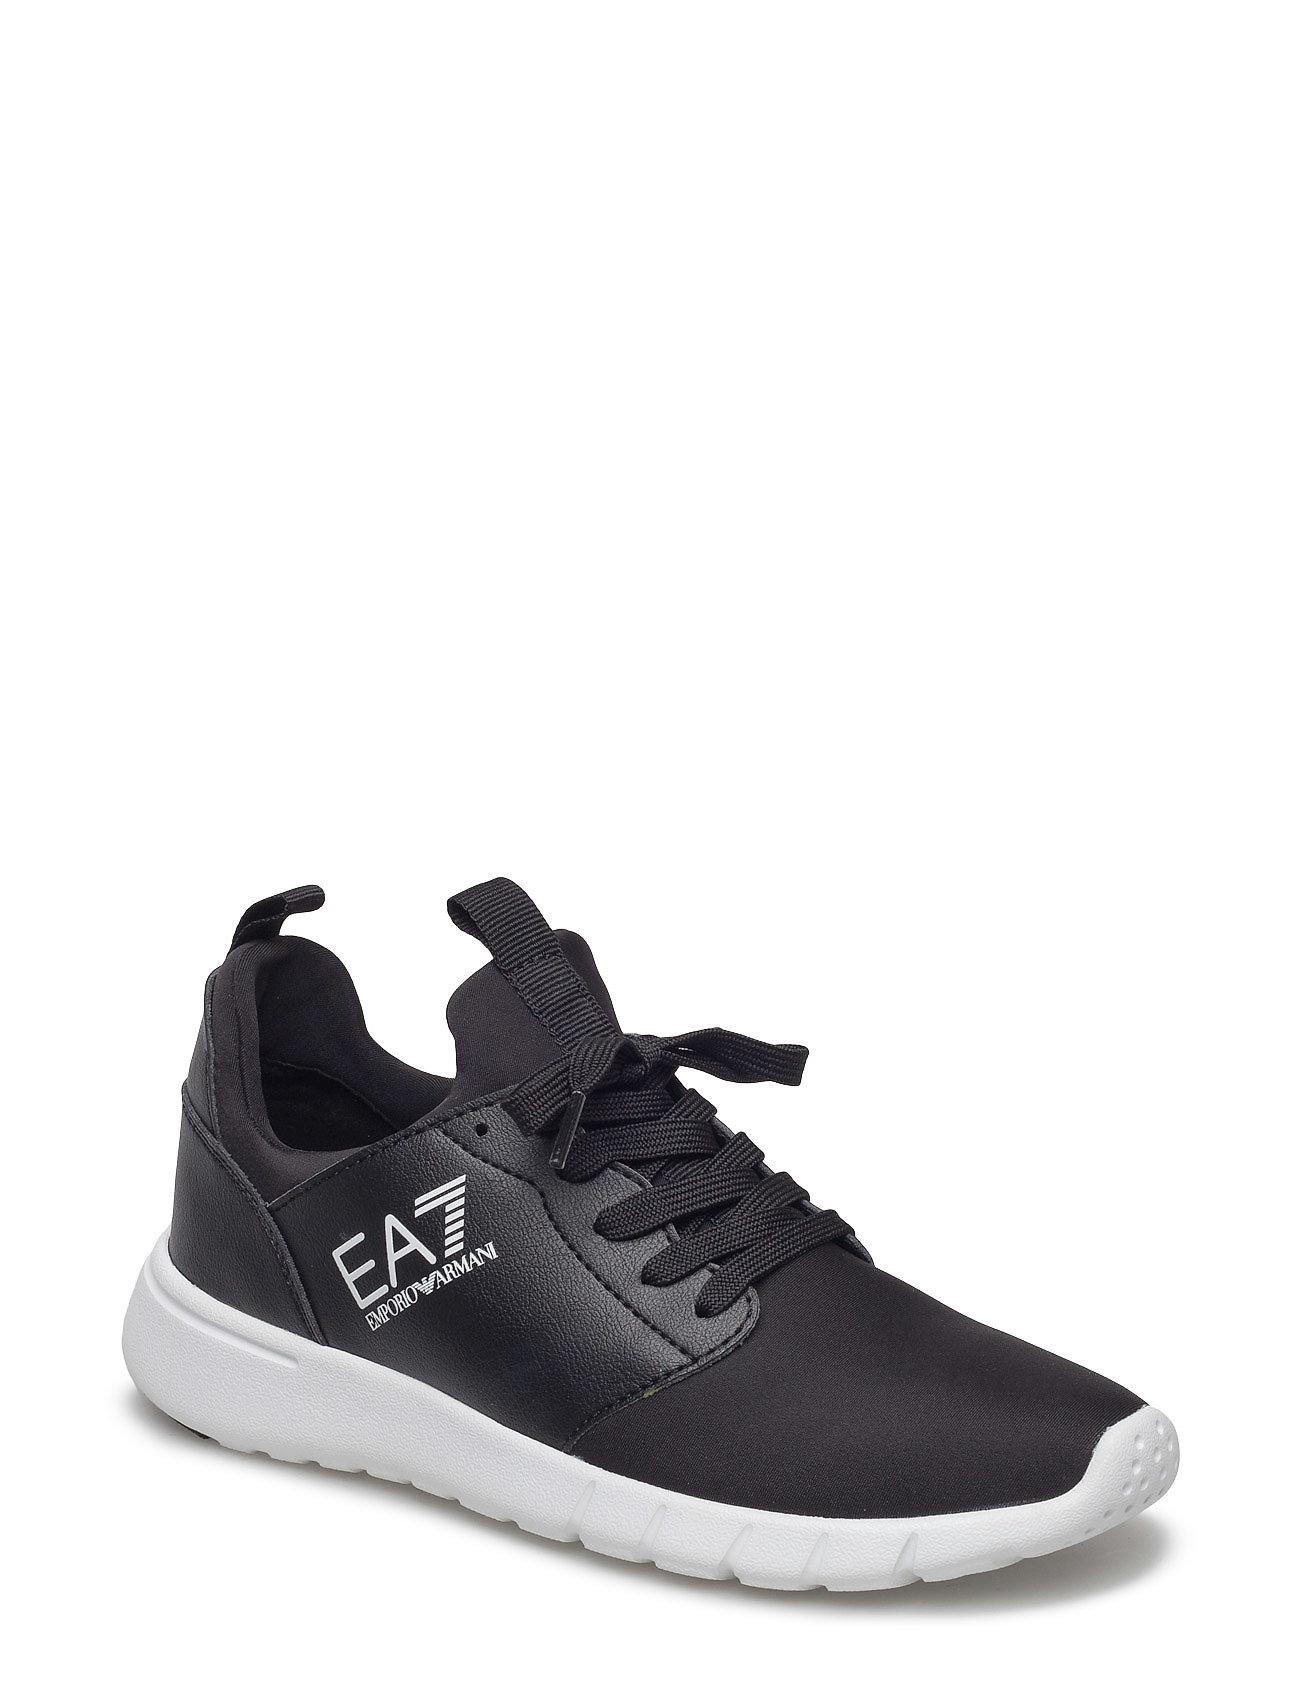 Unisex's shoe fra ea7 på boozt.com dk